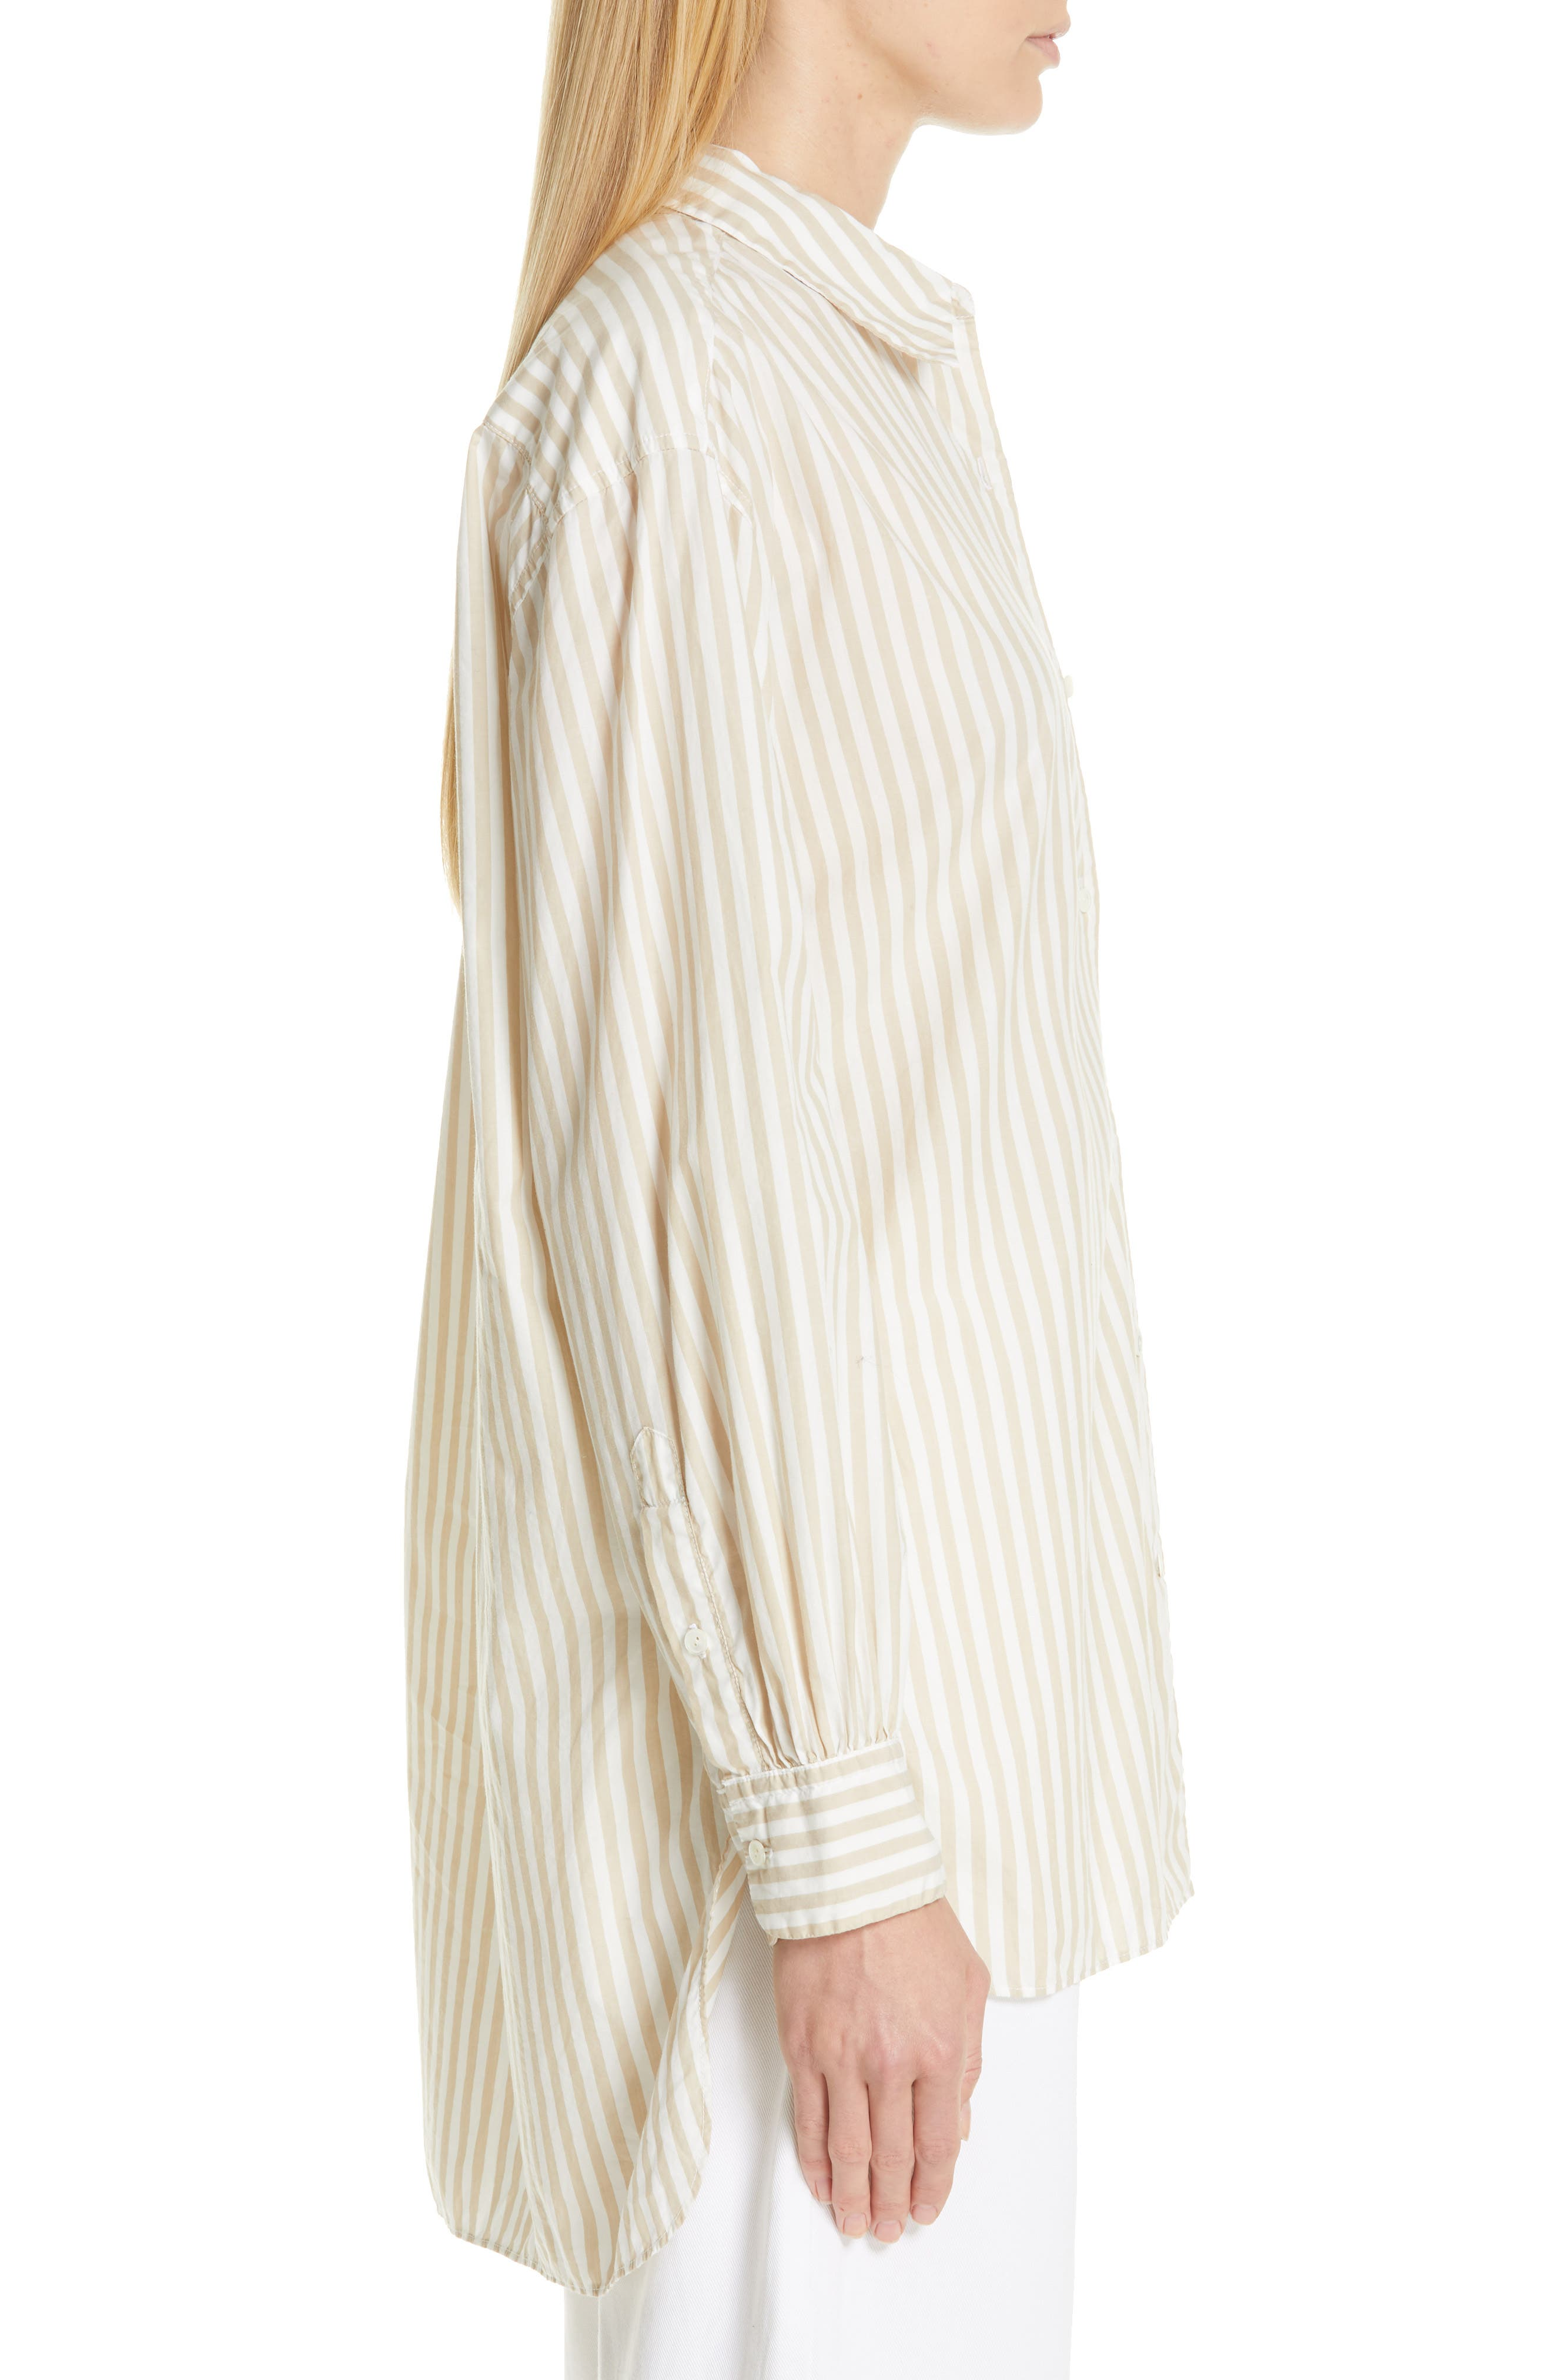 NILI LOTAN, Noa Stripe Shirt, Alternate thumbnail 3, color, TAN STRIPE